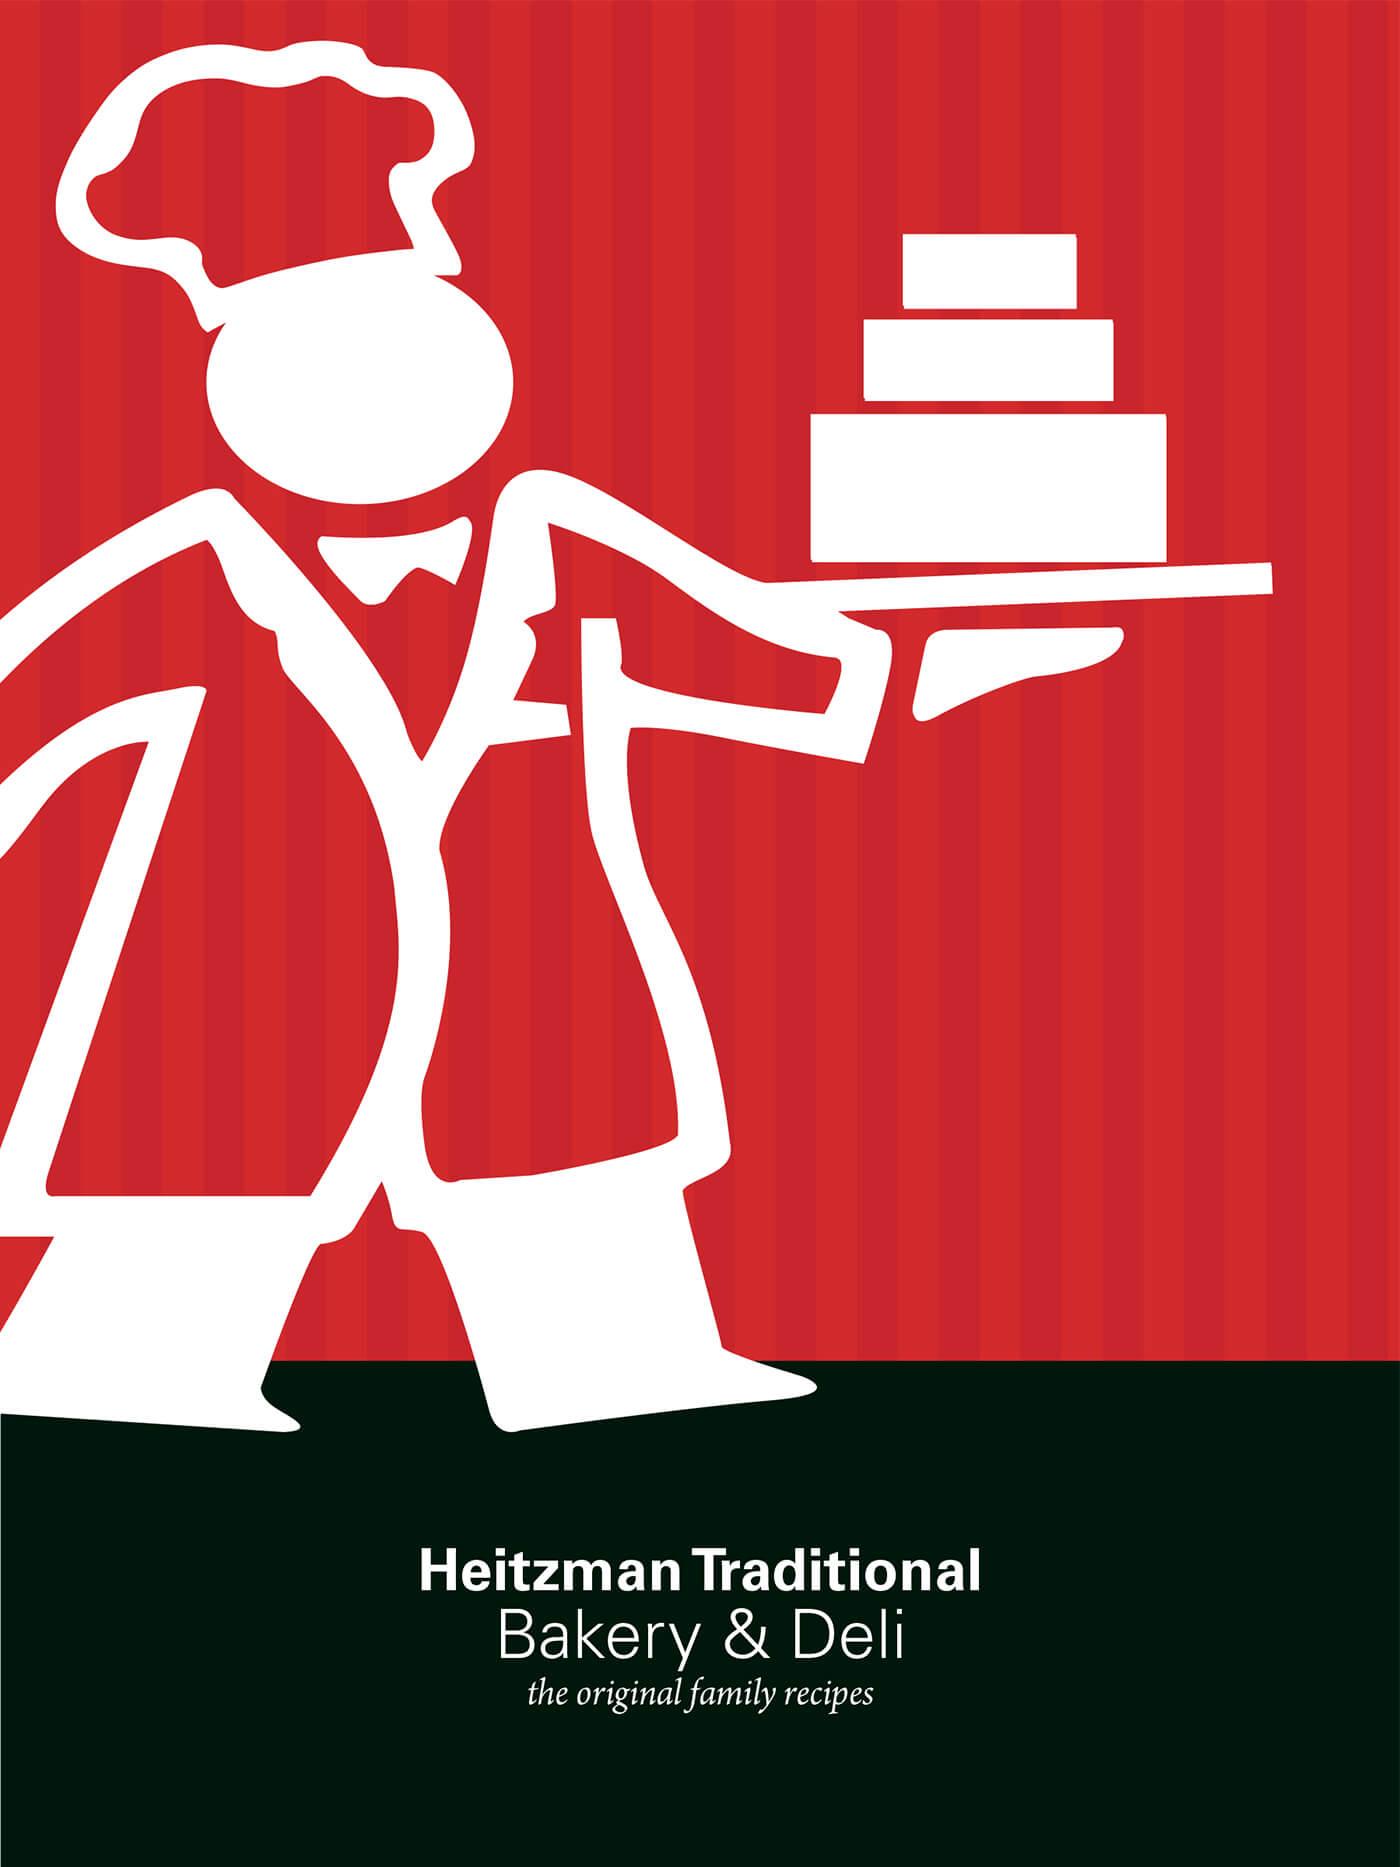 Heitzman Bakery Promotional Materials